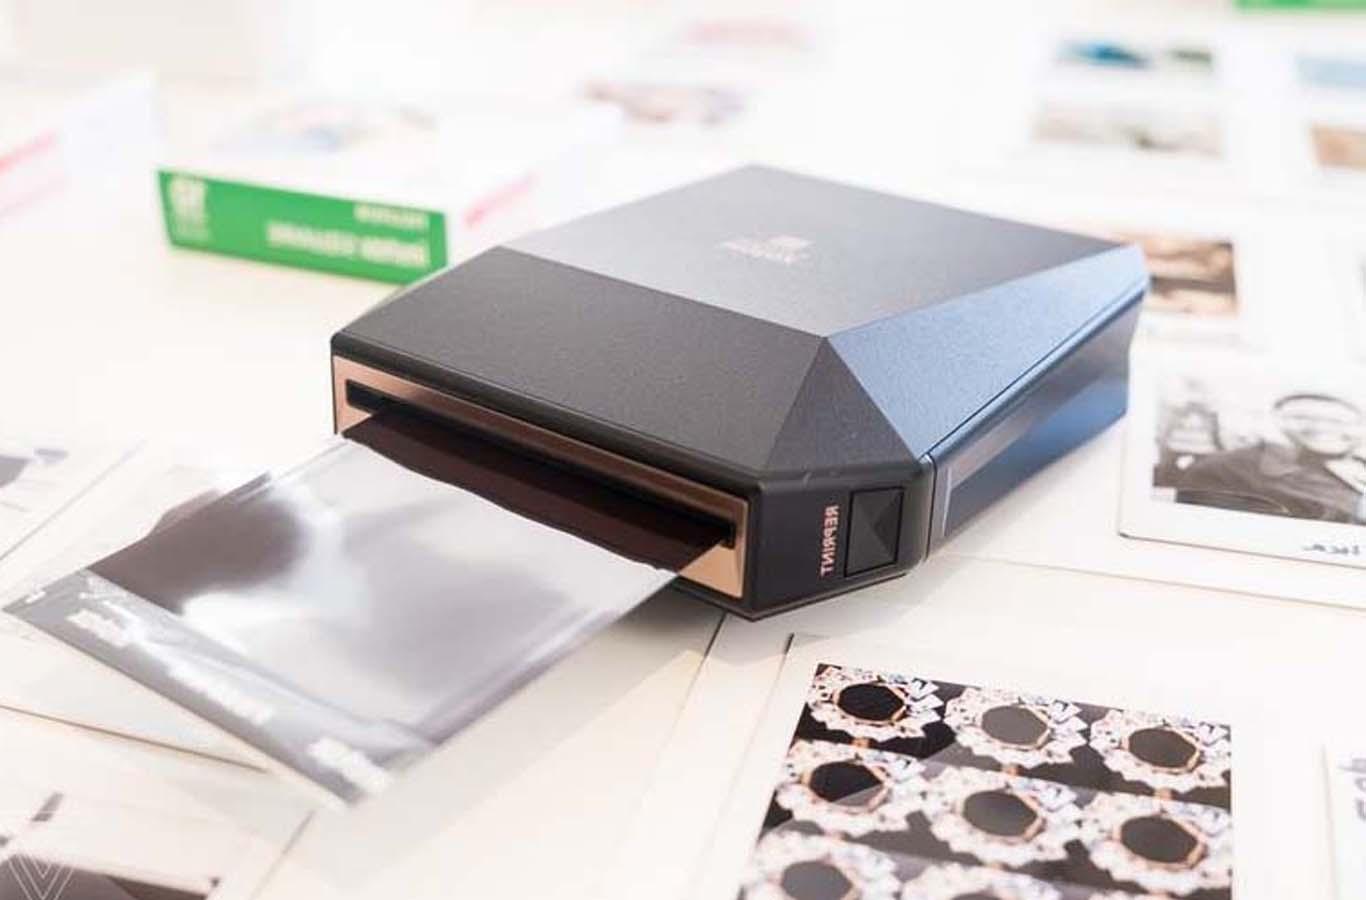 Fujifilm tiết lộ máy in di động định dạng ảnh vuông độc đáo